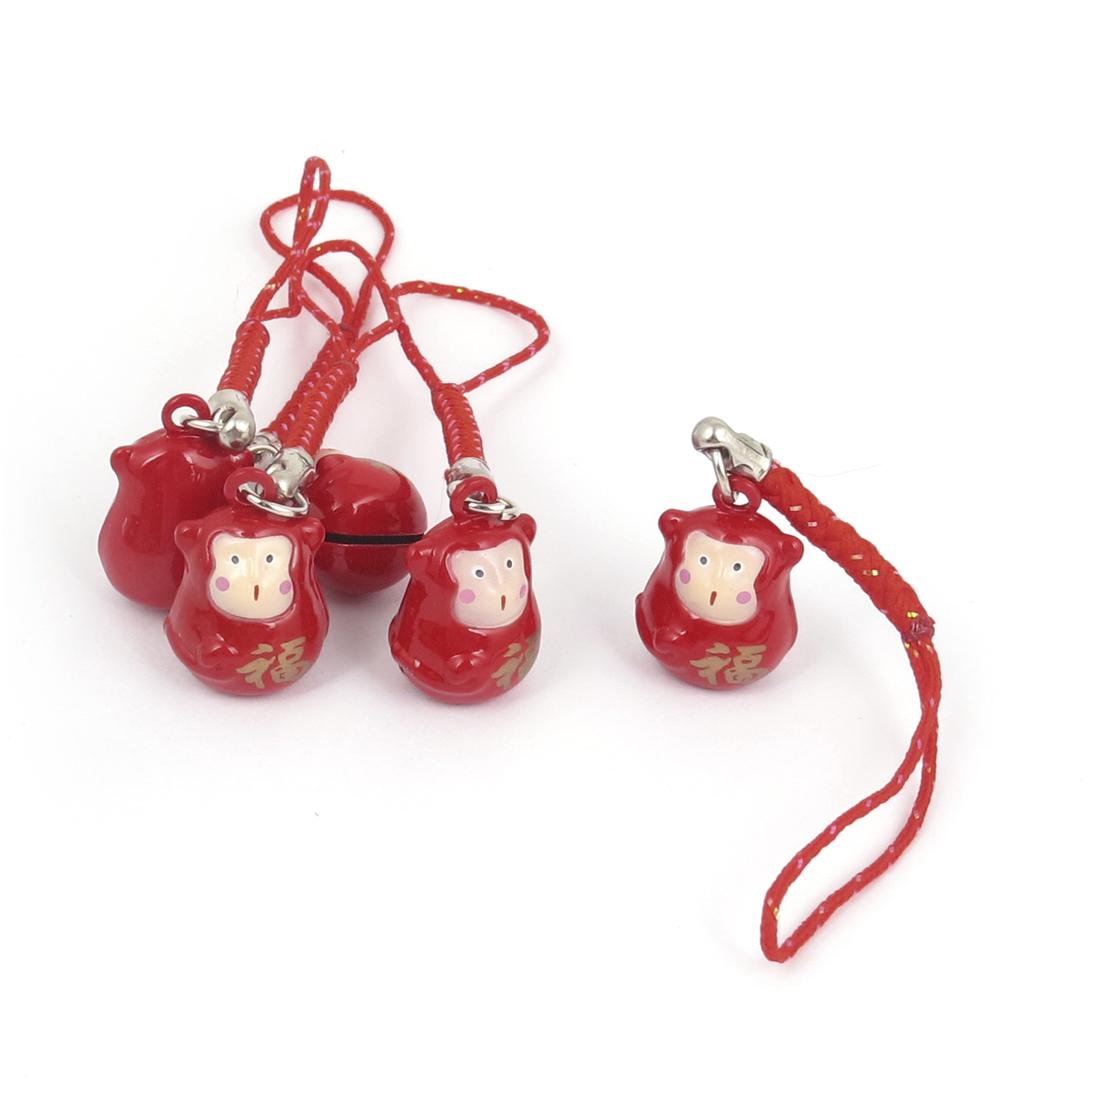 Metal Monkey Design Hanging Ring Bell Red 18mm Diameter 5 Pcs